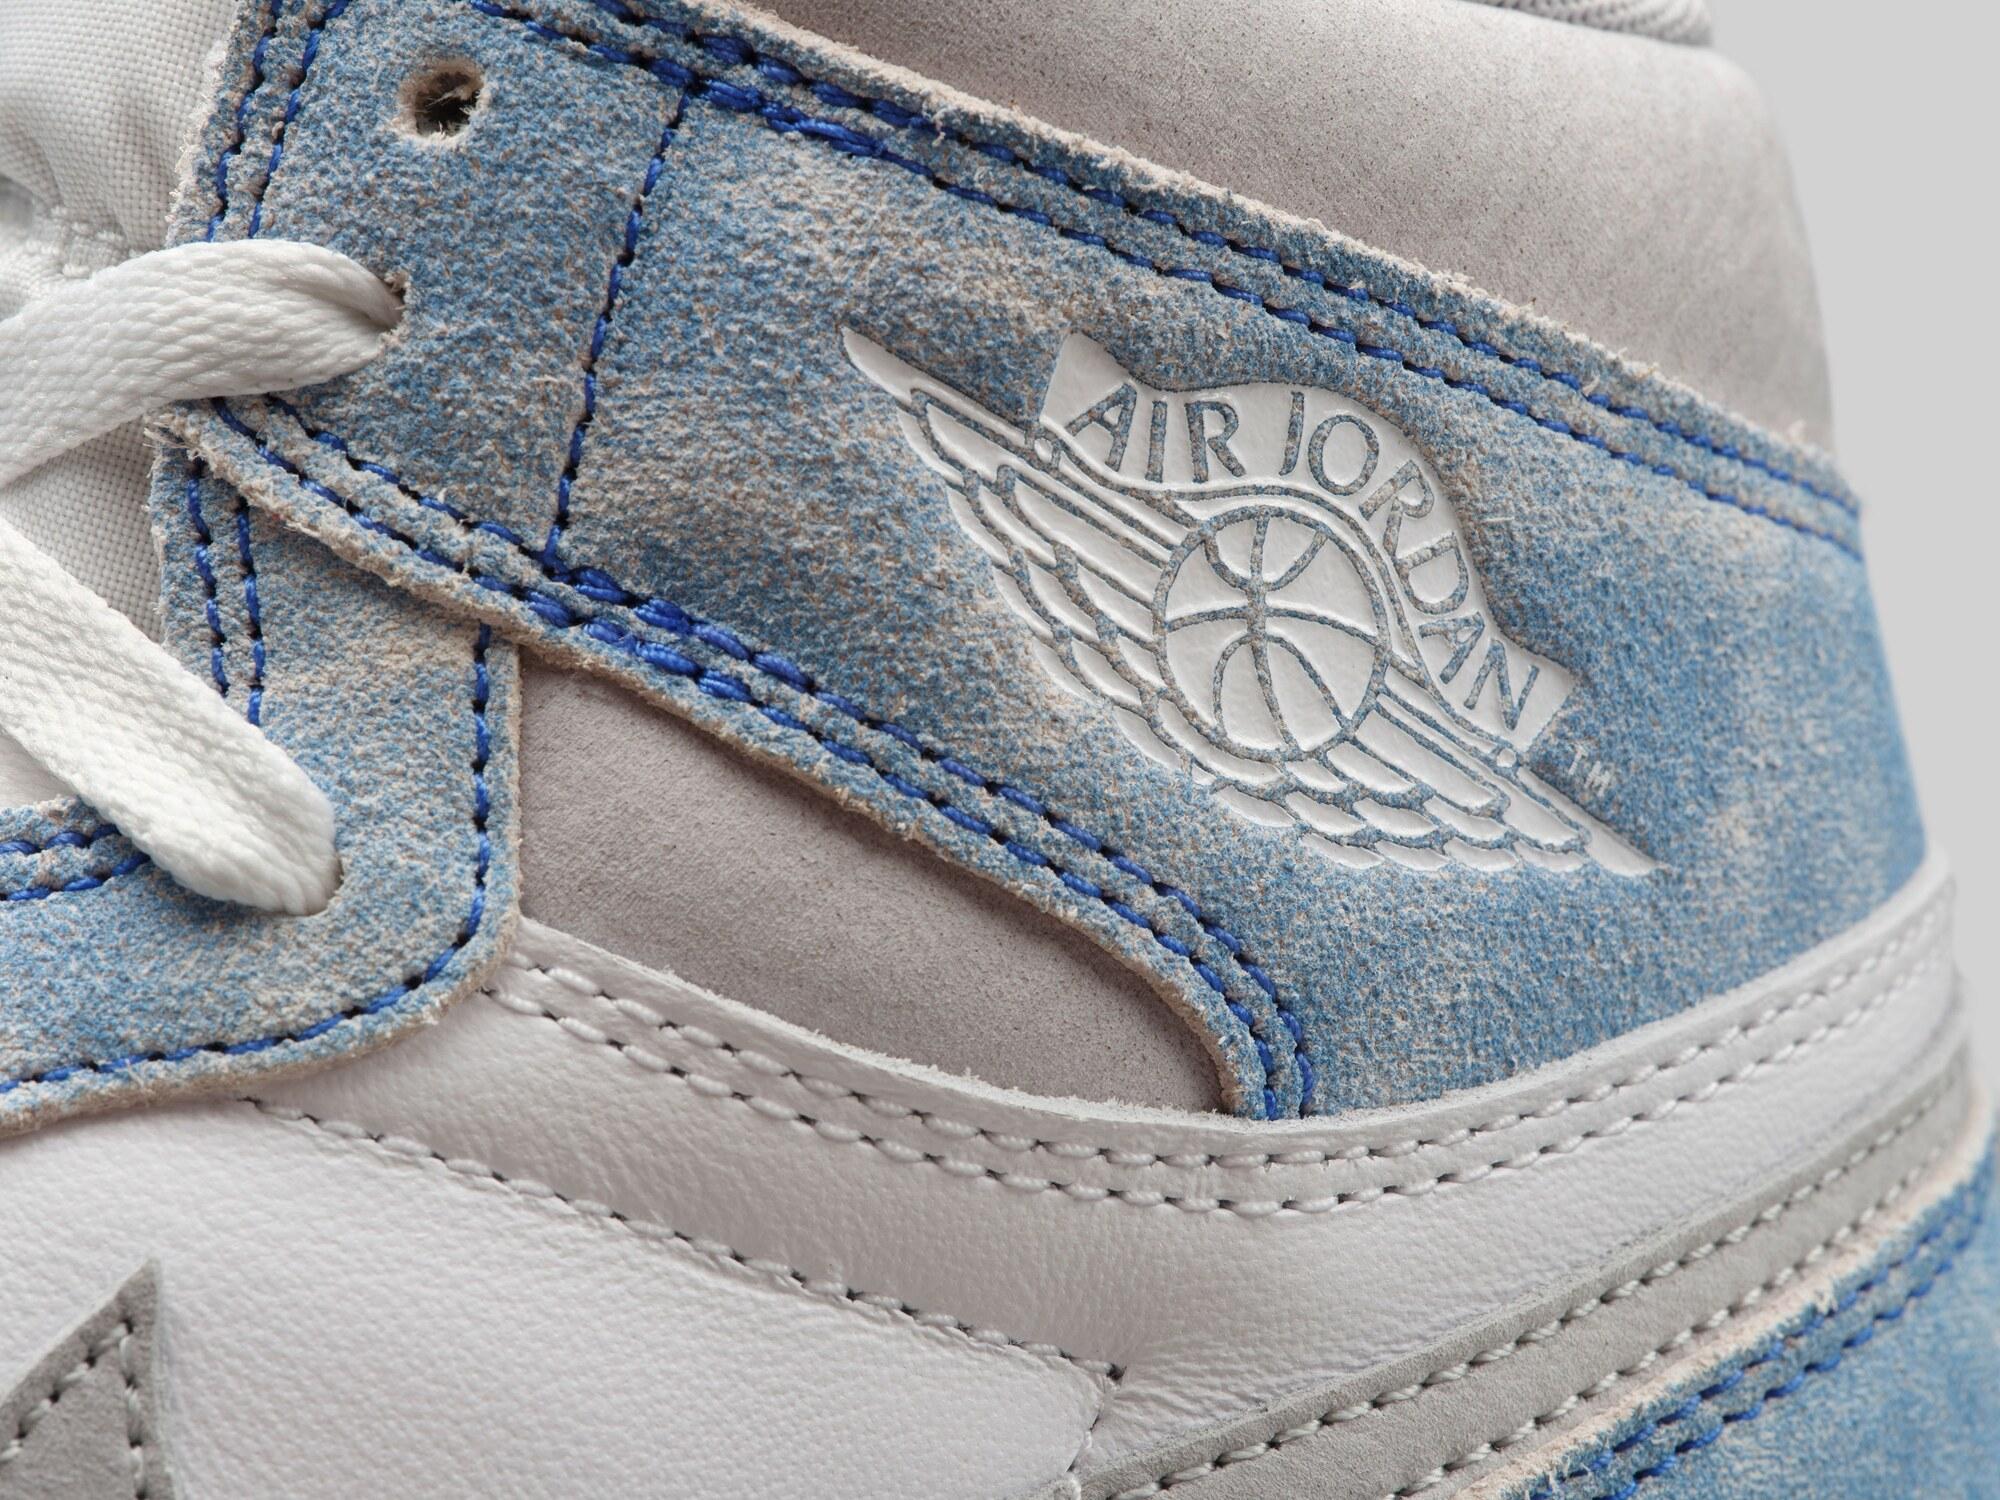 Air Jordan 1 High Hyper Royale